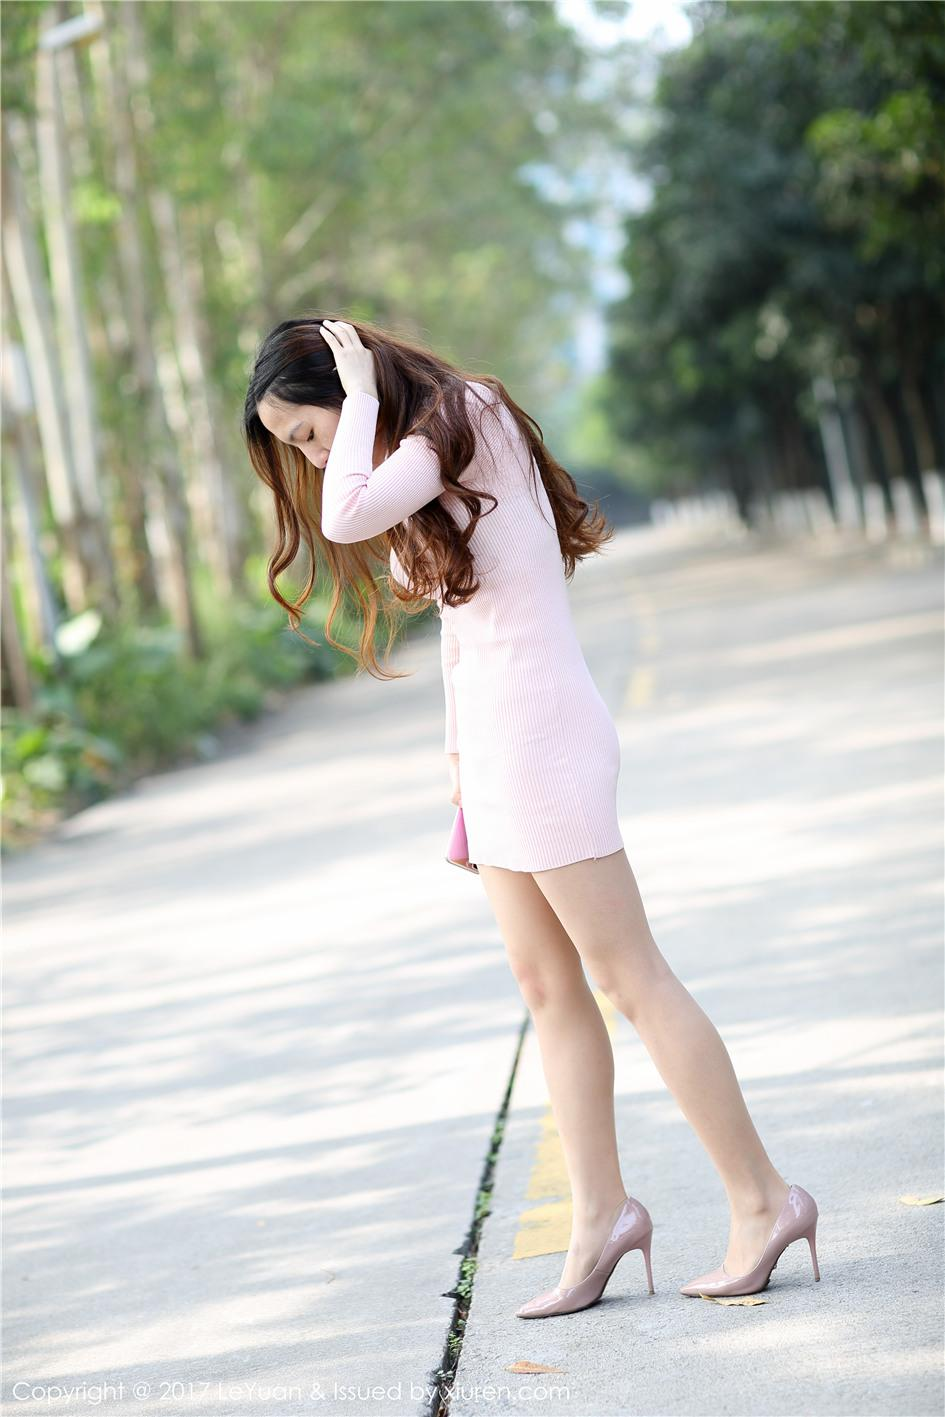 【星乐园】【琪玲】 街拍高跟丝袜美女琪玲高清丝足秀套图 VOL.030【24P】 X丝玉足